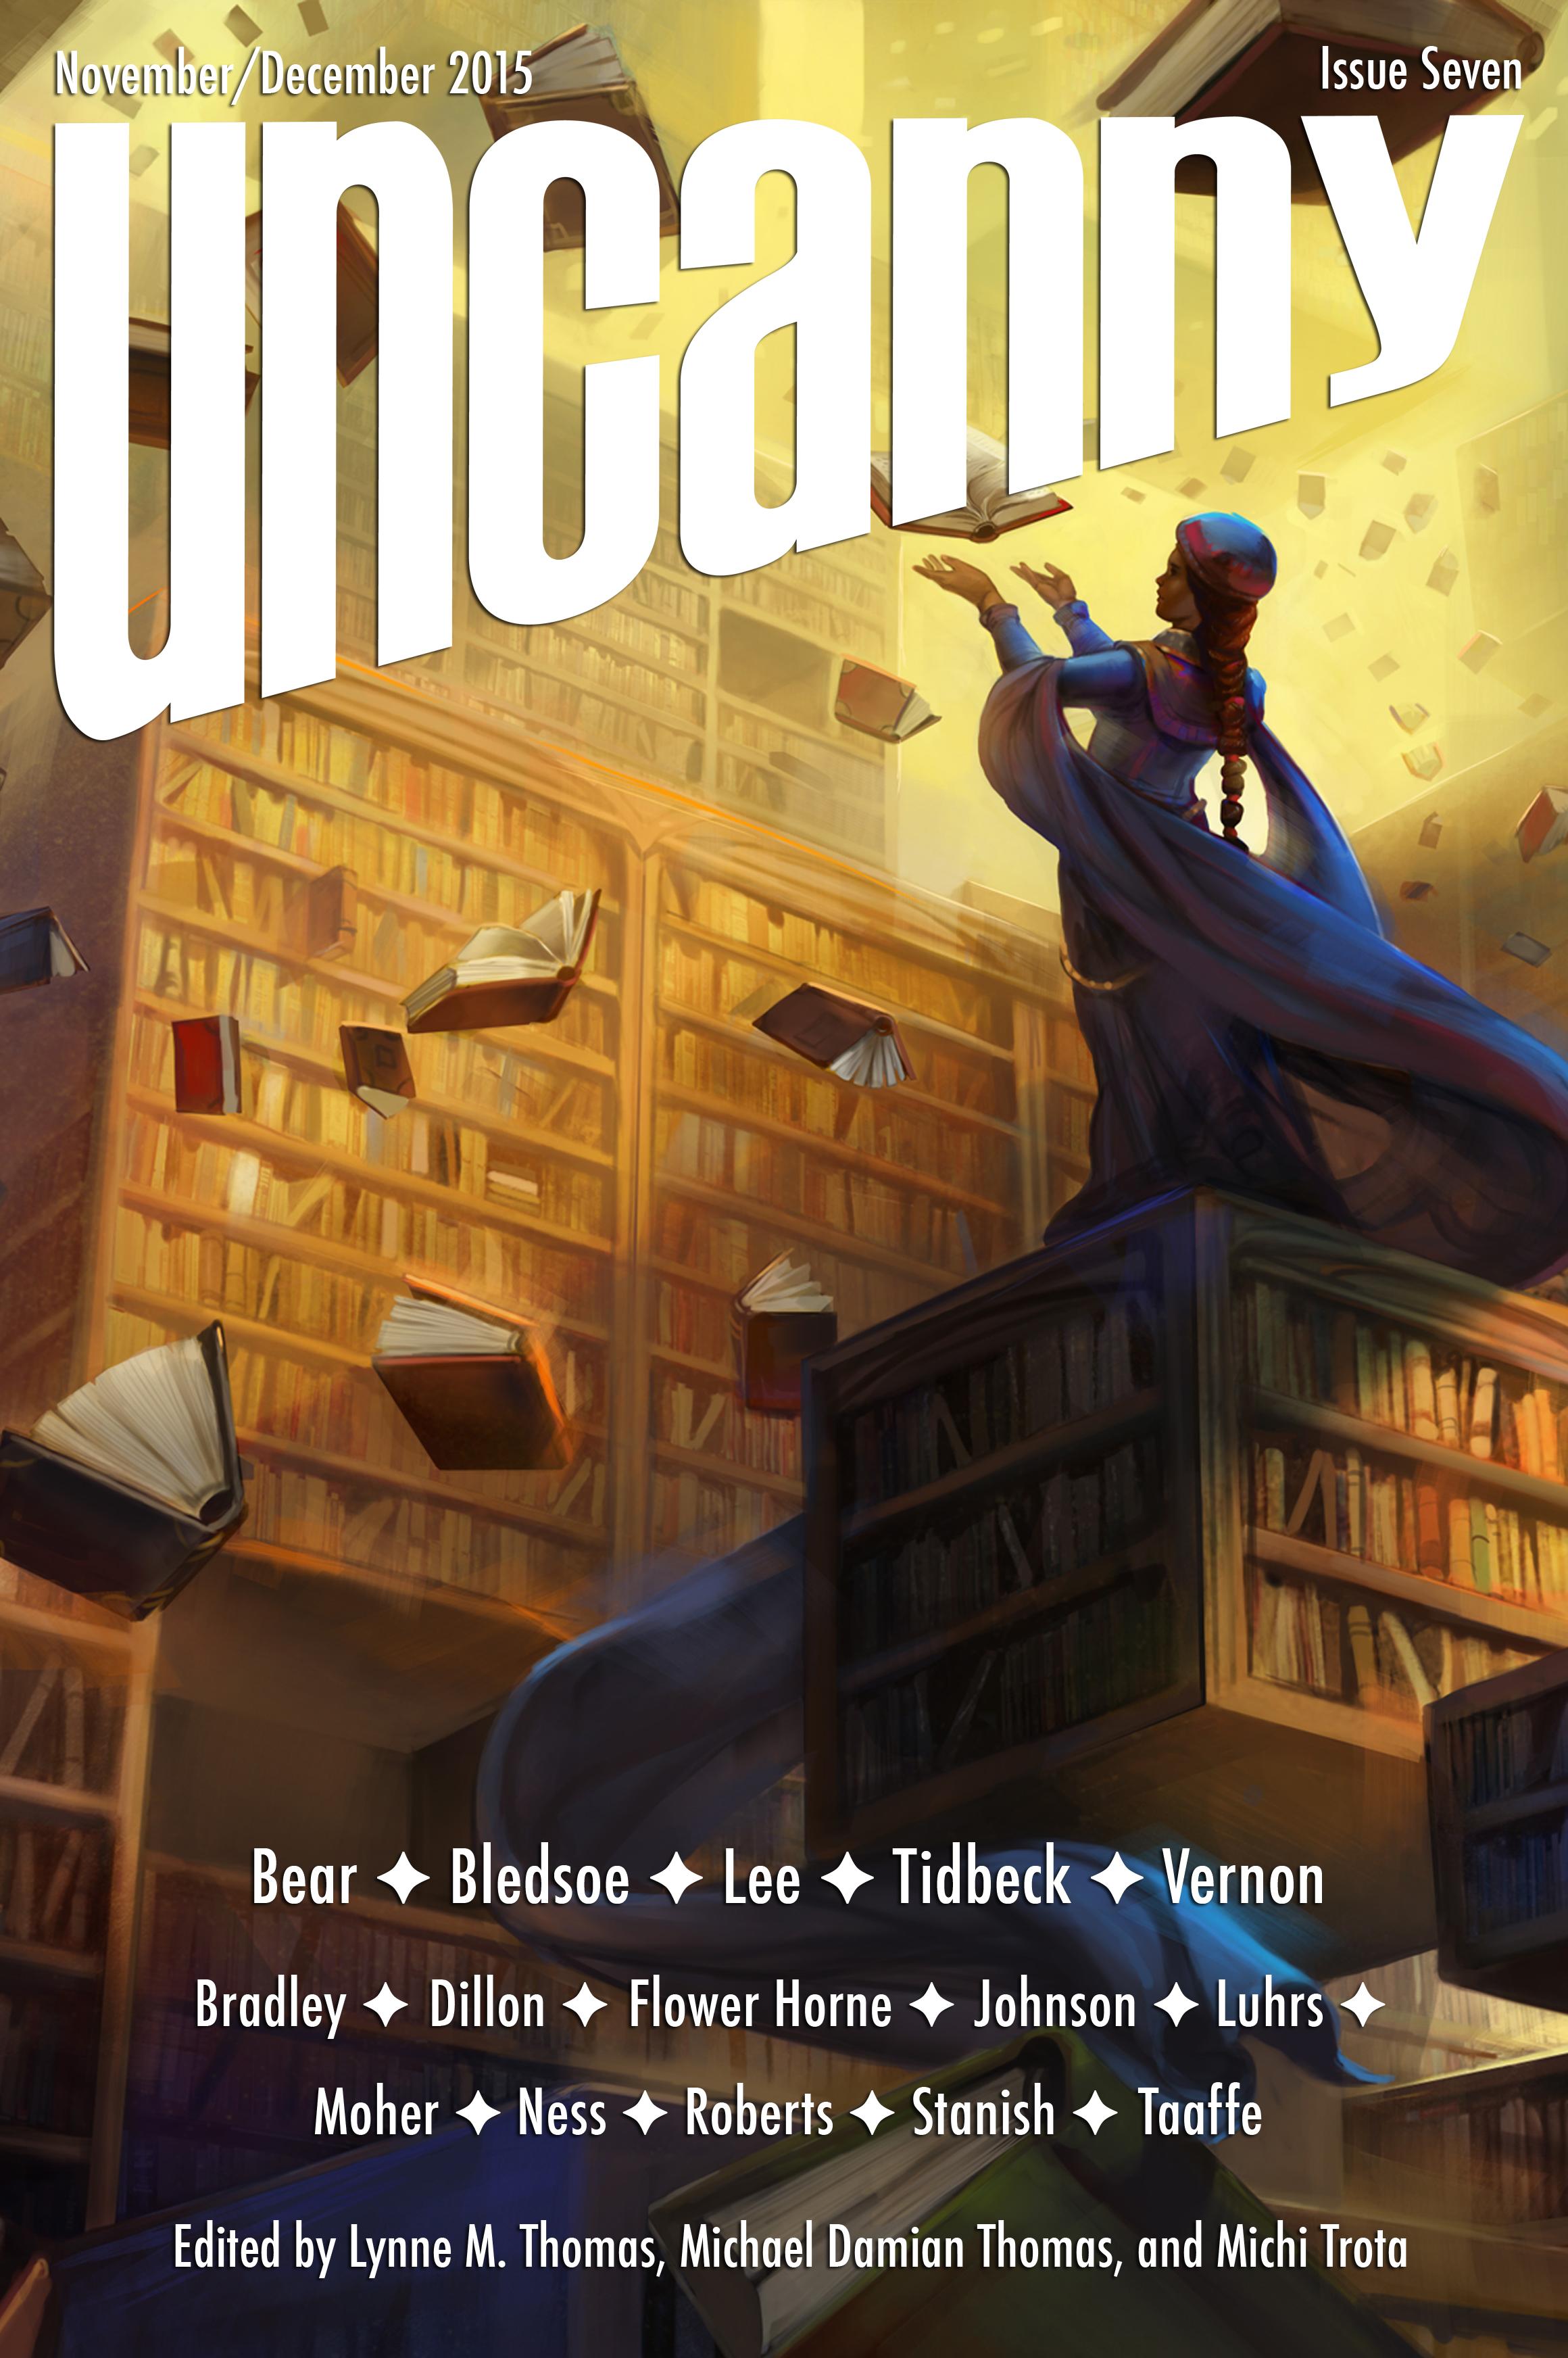 Uncanny Magazine Issue 7: November/December 2015 by Michael Damian Thomas, Lynne M. Thomas, Michi Trota